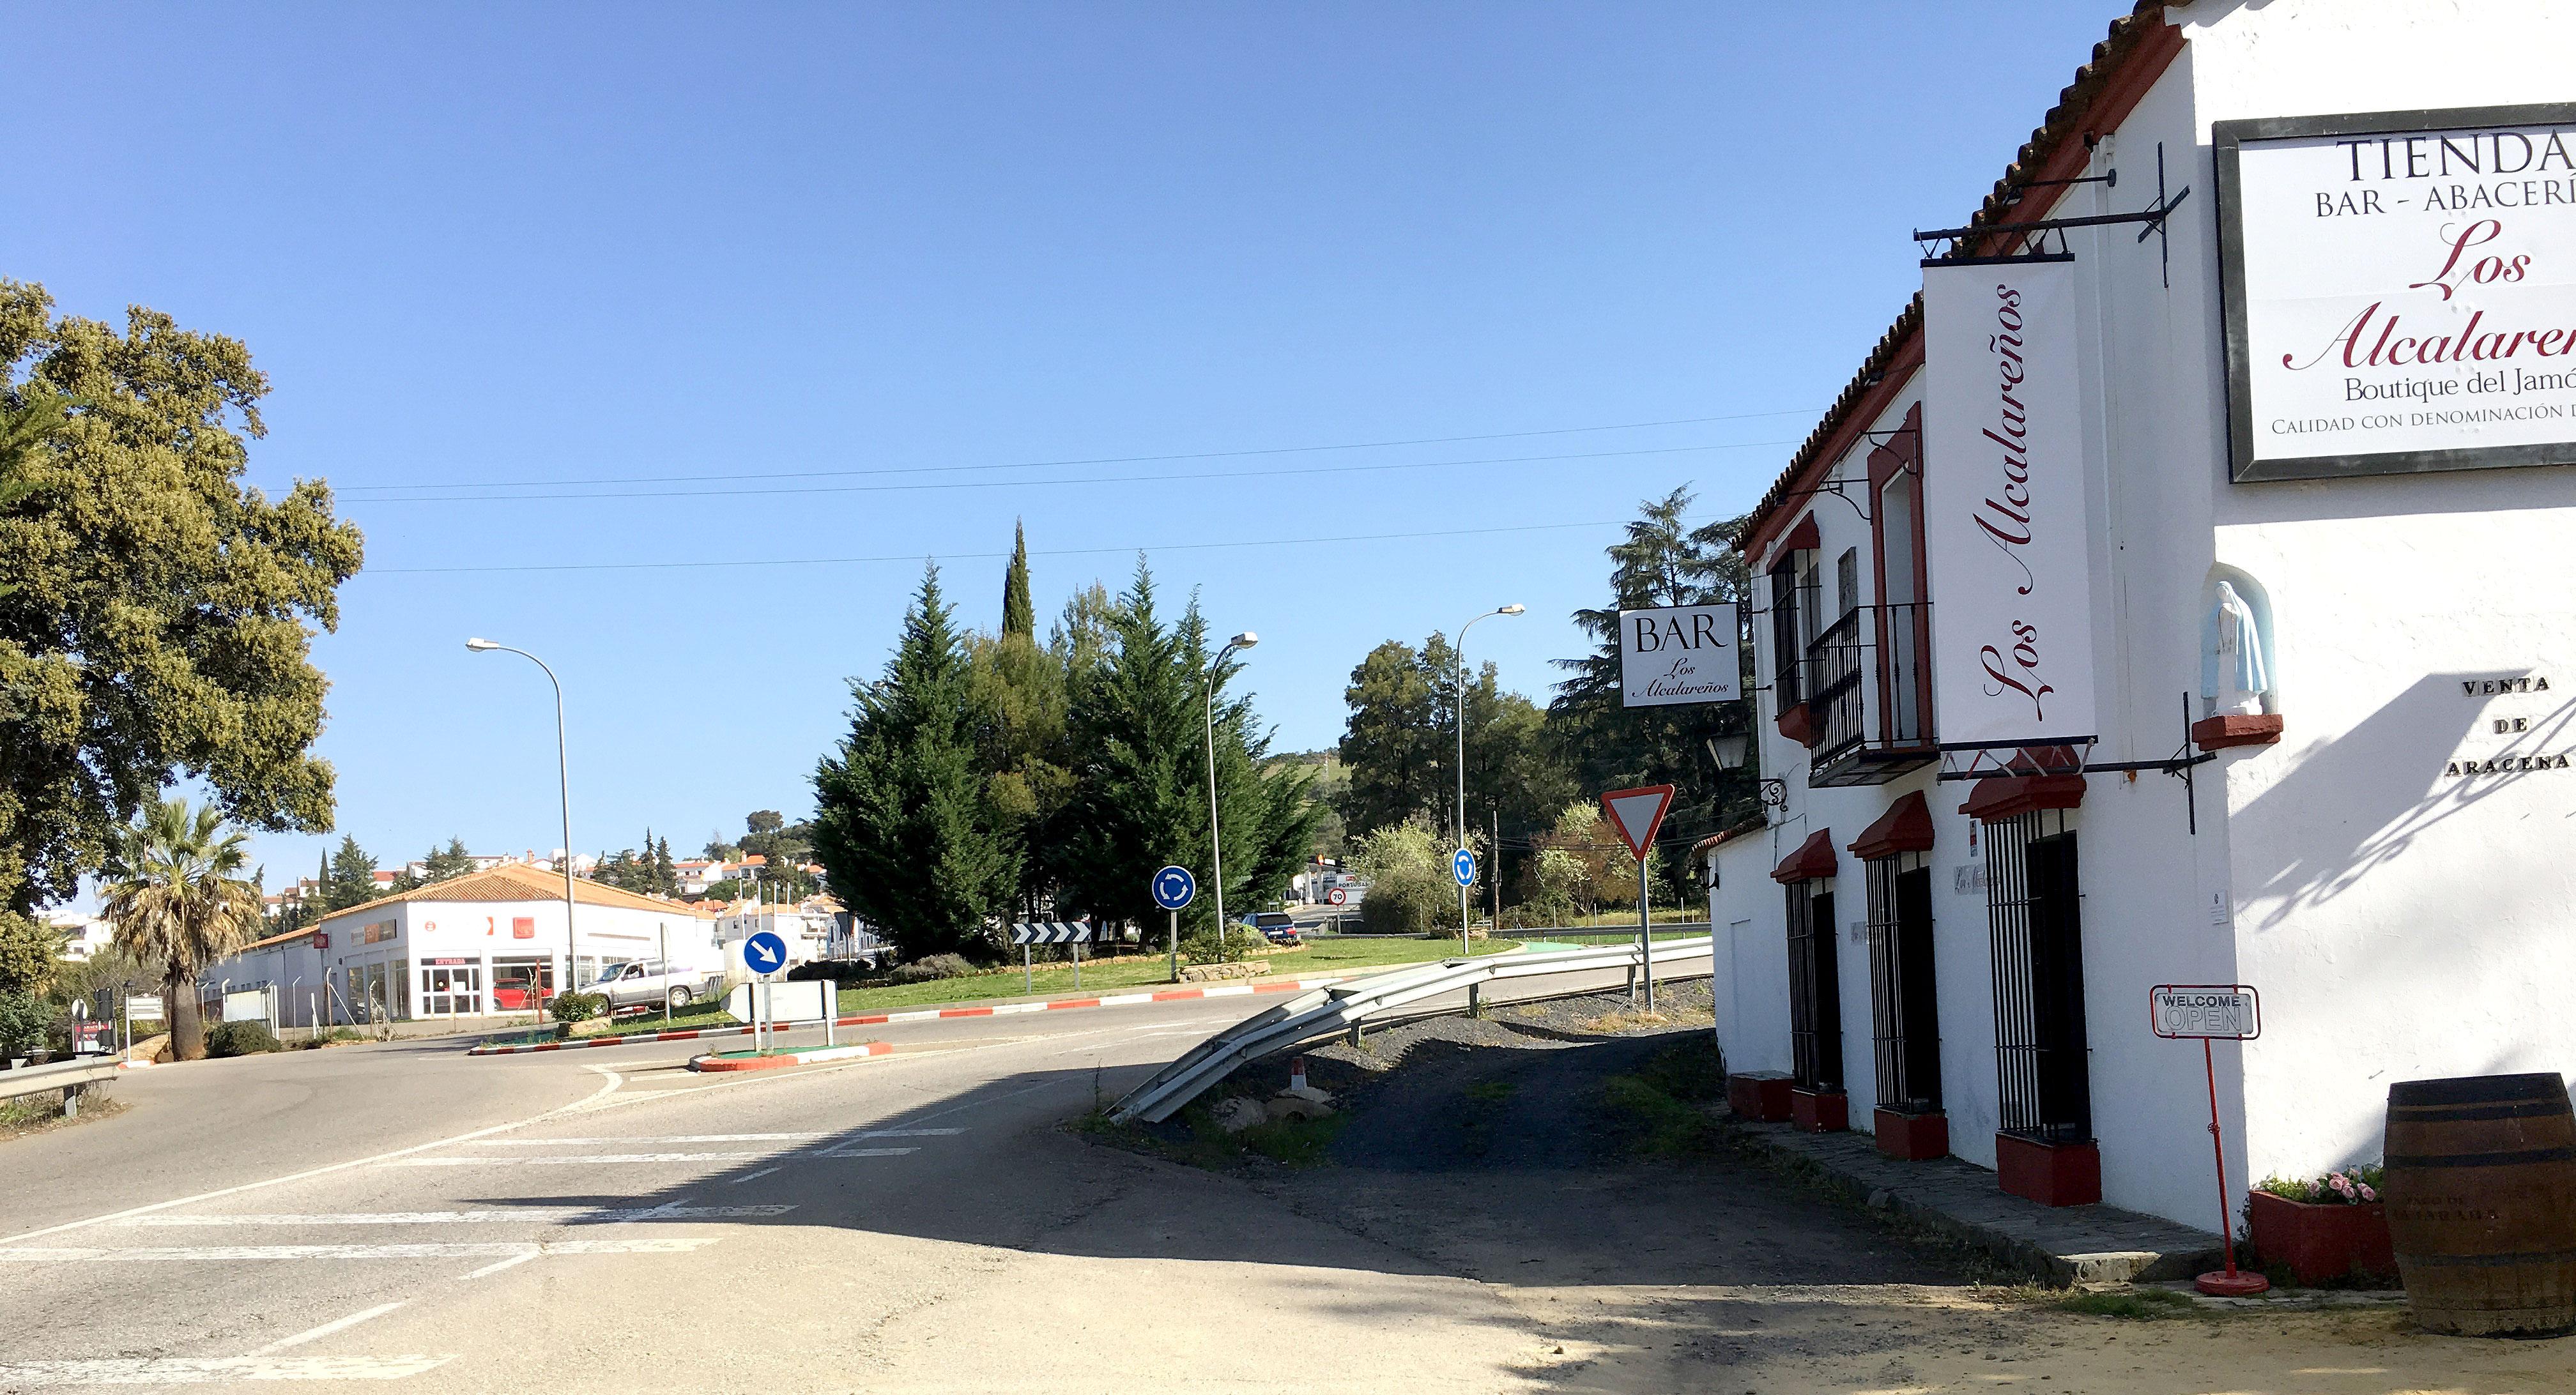 La Ruta del Jabugo en Aracena